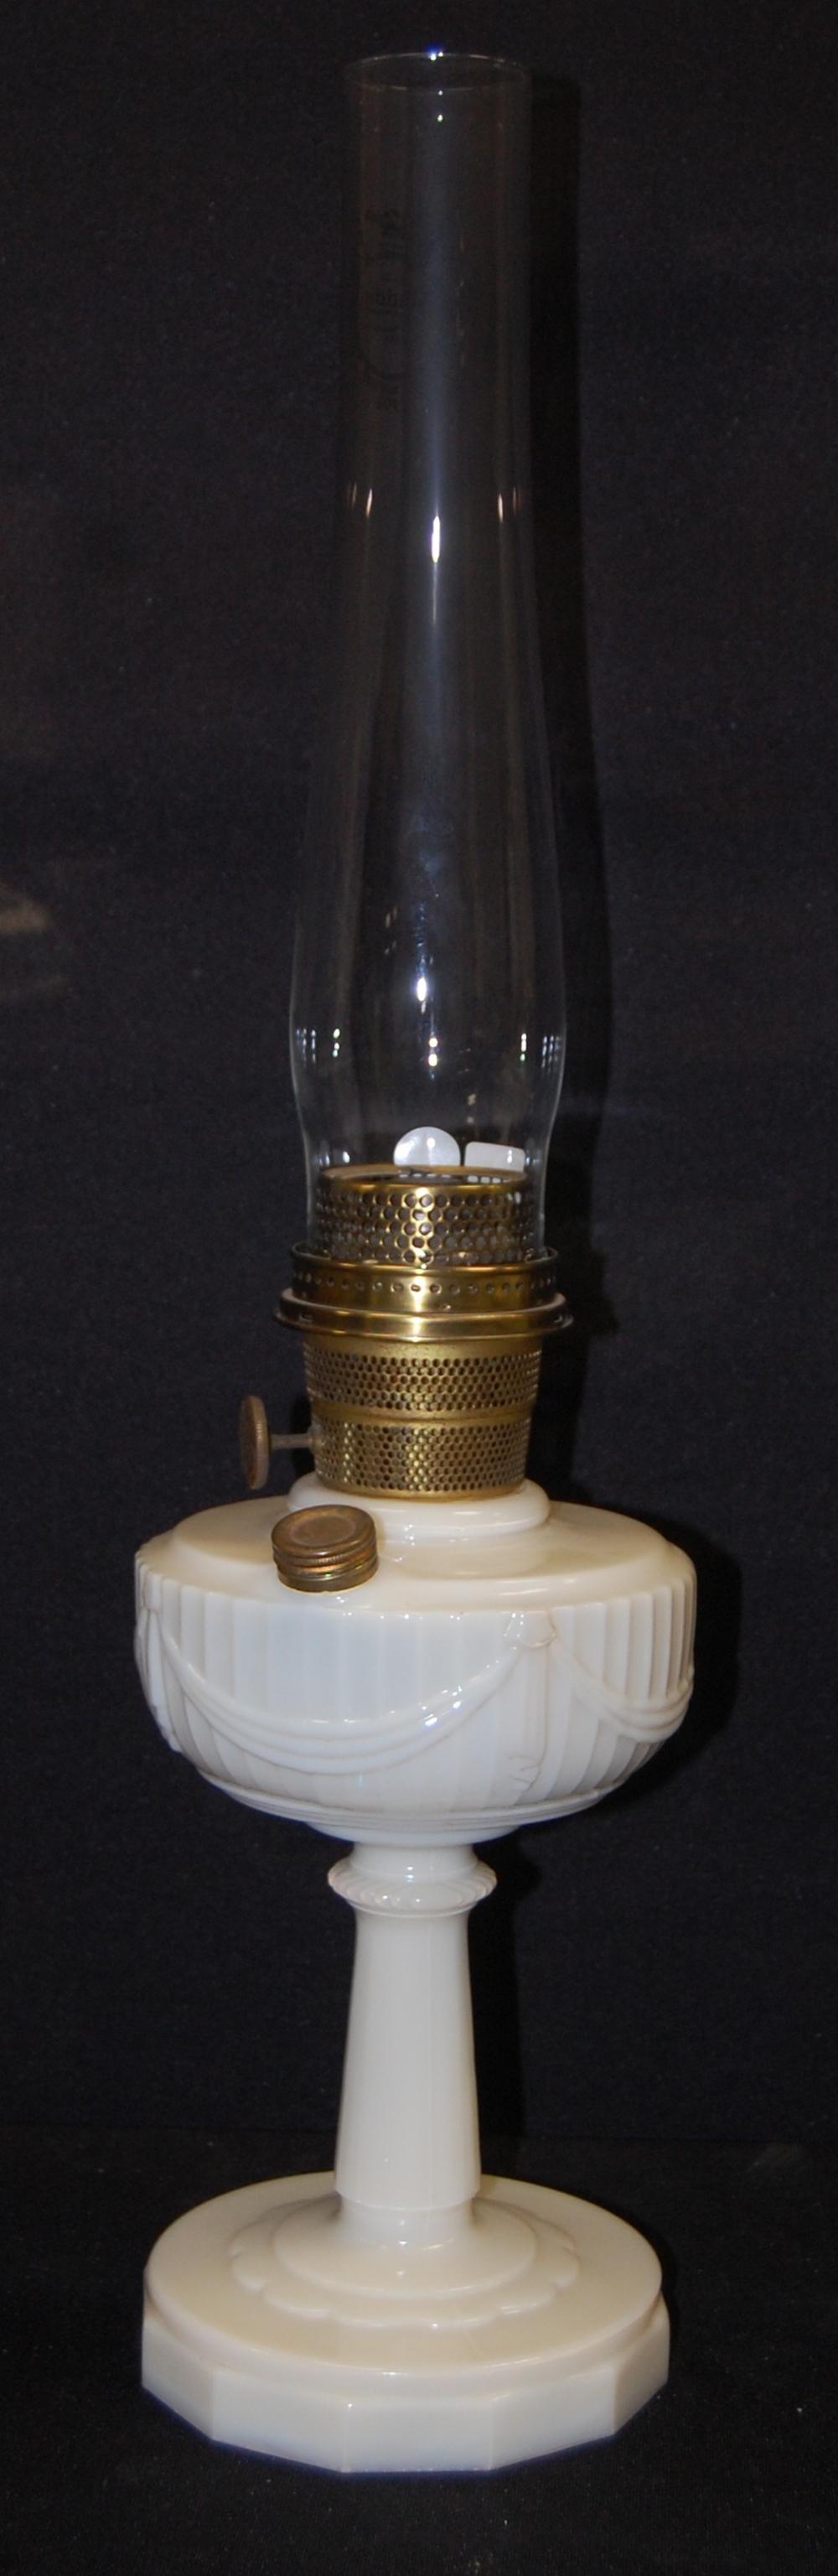 Moonstone Quilt Kerosene Lamp Model B